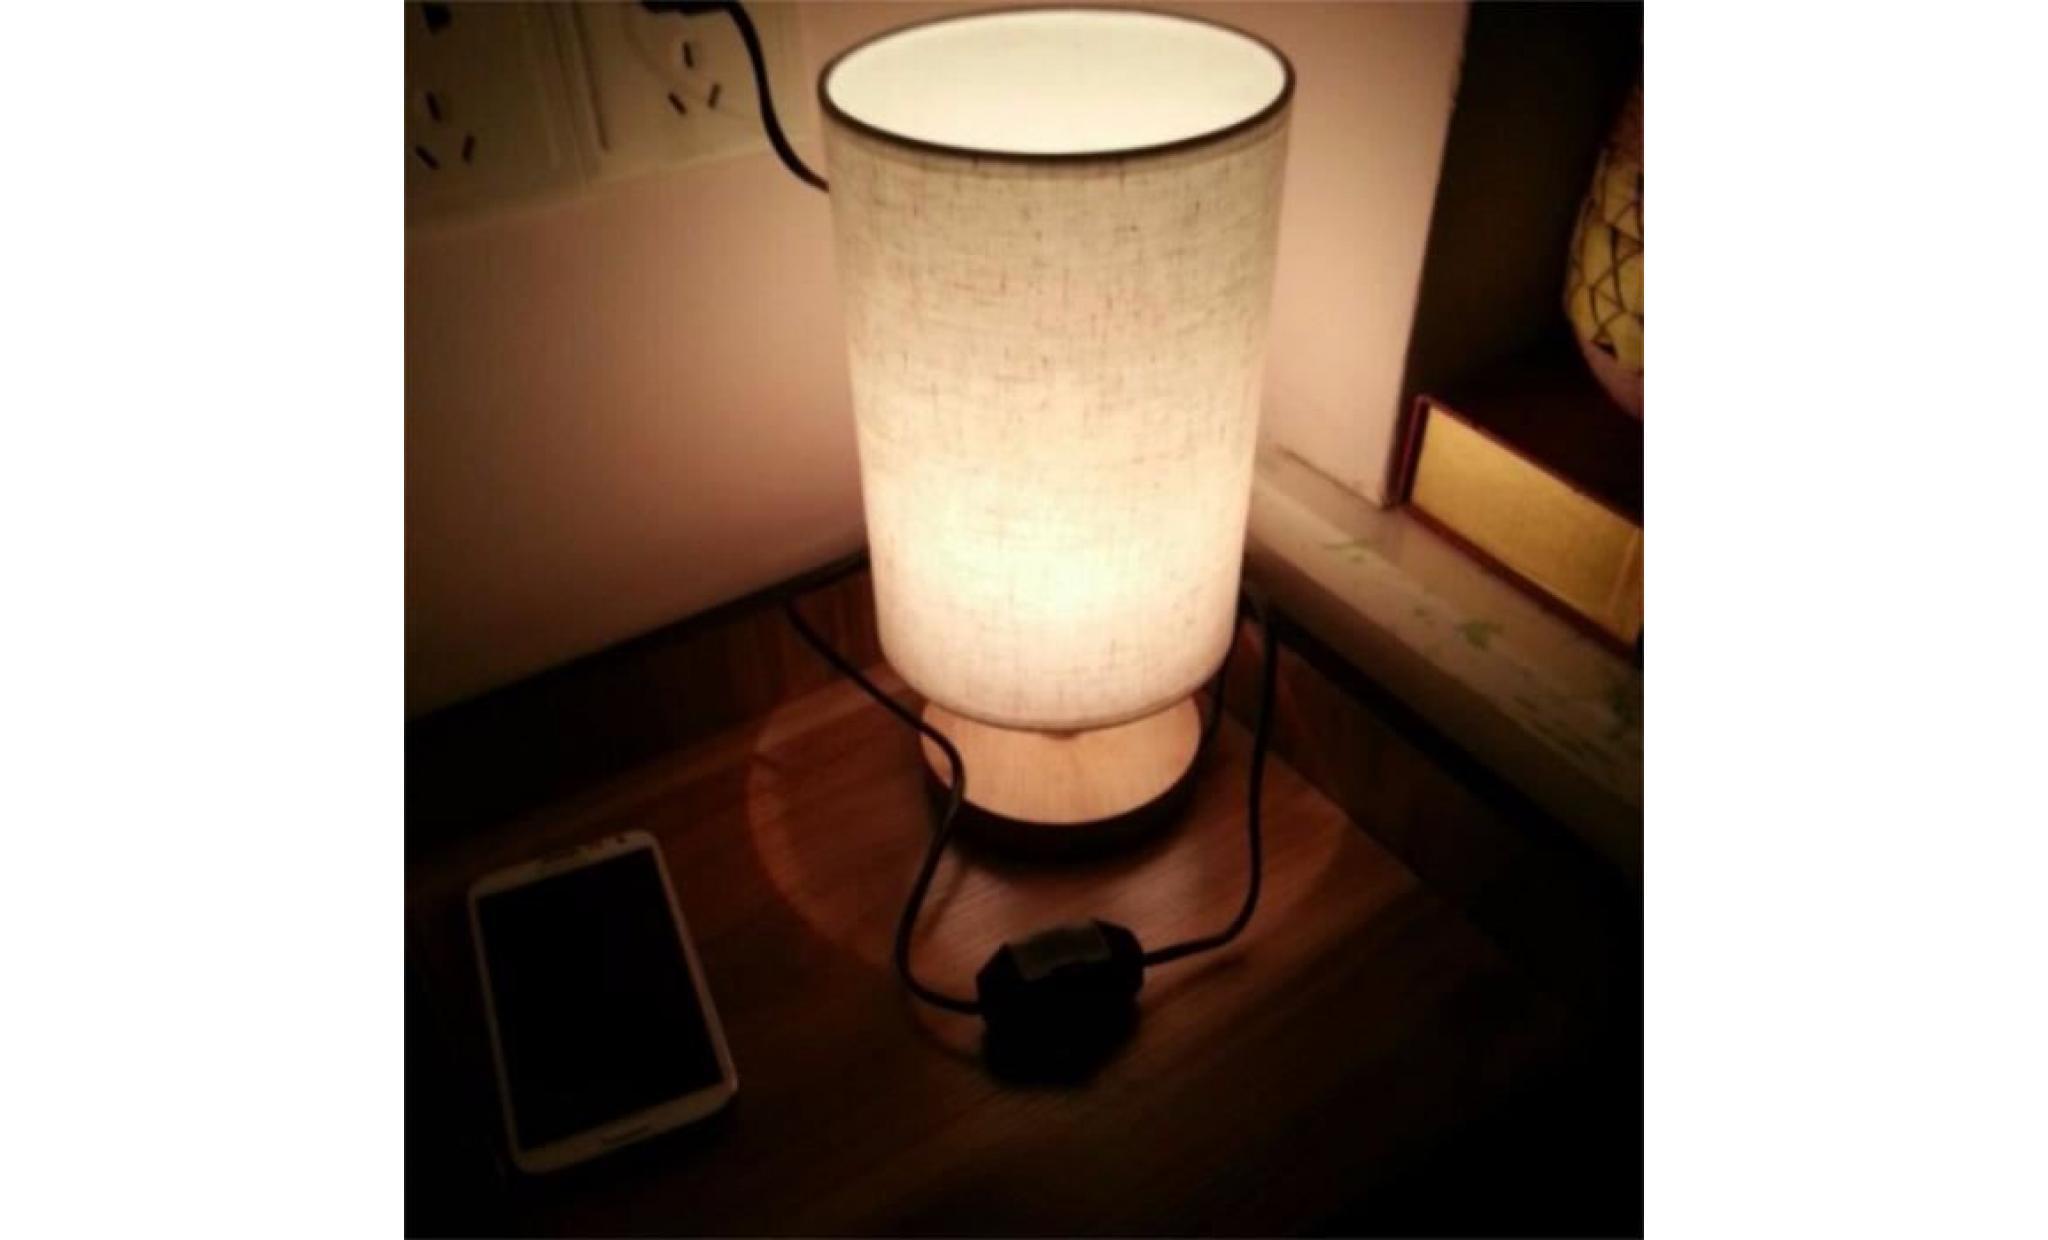 Lampe 80 Dimmer Déco Couleurs Tissu Chambre Bar Simple Mode 265v Moderne Table 5w Lumière 5 Led 0 Bois Beige Chevet Pour De E27 l5TK31uFcJ